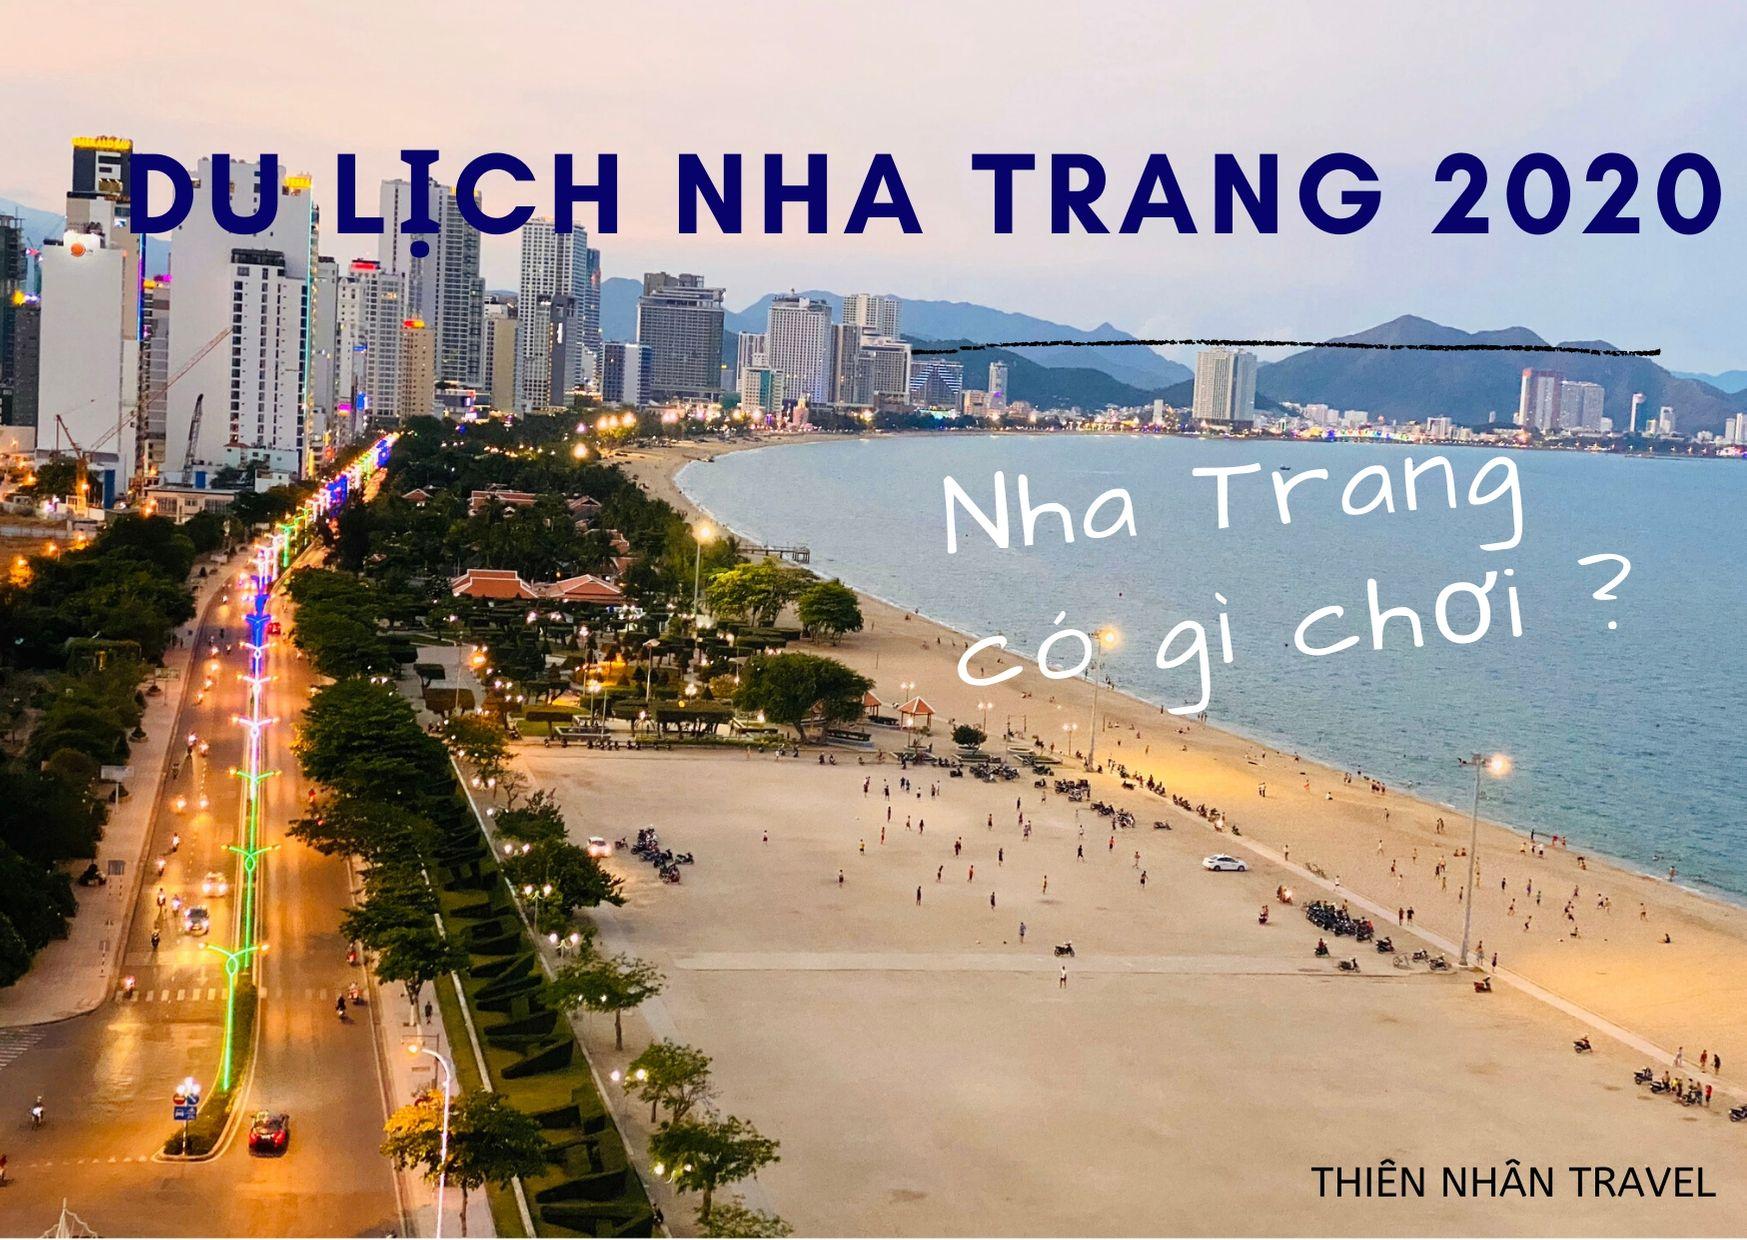 Du Lịch Nha Trang 2020 - Nha Trang có gì chơi ?